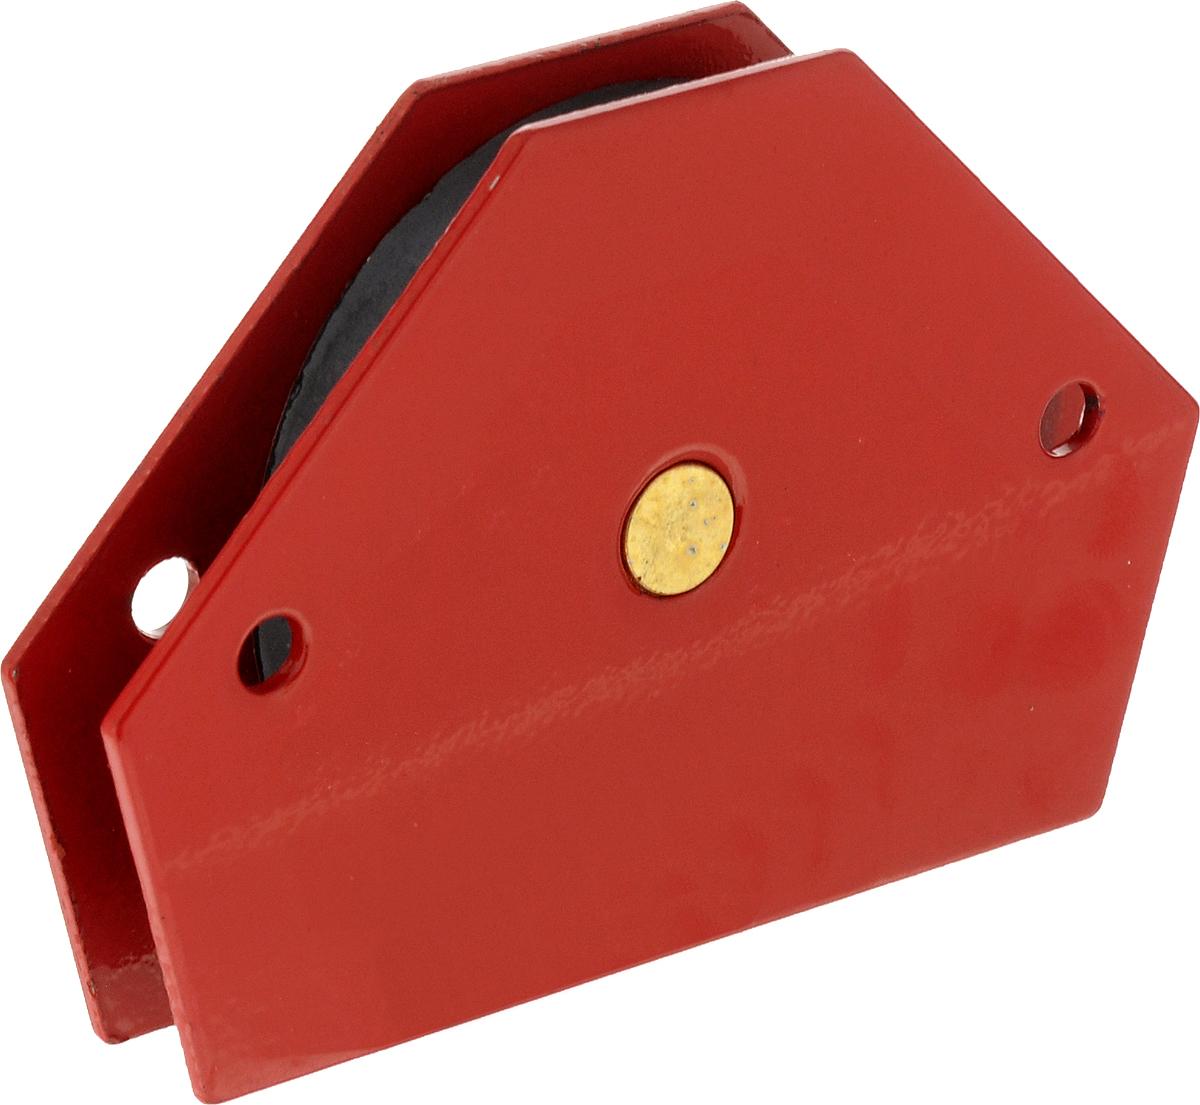 Магнитный угольник Rexant, держатель для сварки на 6 углов, усилие 11,3 кг12-4831Магнитный угольник держатель для сварки на 6 углов усилие 11,3 Кг Rexant, предназначен для фиксации металлических деталей при сварке, пайке и сборке конструкций. Применяется для работы с круглыми и прямоугольными трубами, полосами, уголками, профилями, листовым, сплошным и другими видами металла. Угольник быстро и надежно соединяет детали, сокращает время работы, облегчает монтаж и заменяет громоздкие зажимы и неудобные струбцины. Углы: 30°, 45°, 60°, 75°, 90°, 135°.Максимальное усилие — 11,3 кг (25 Lbs)